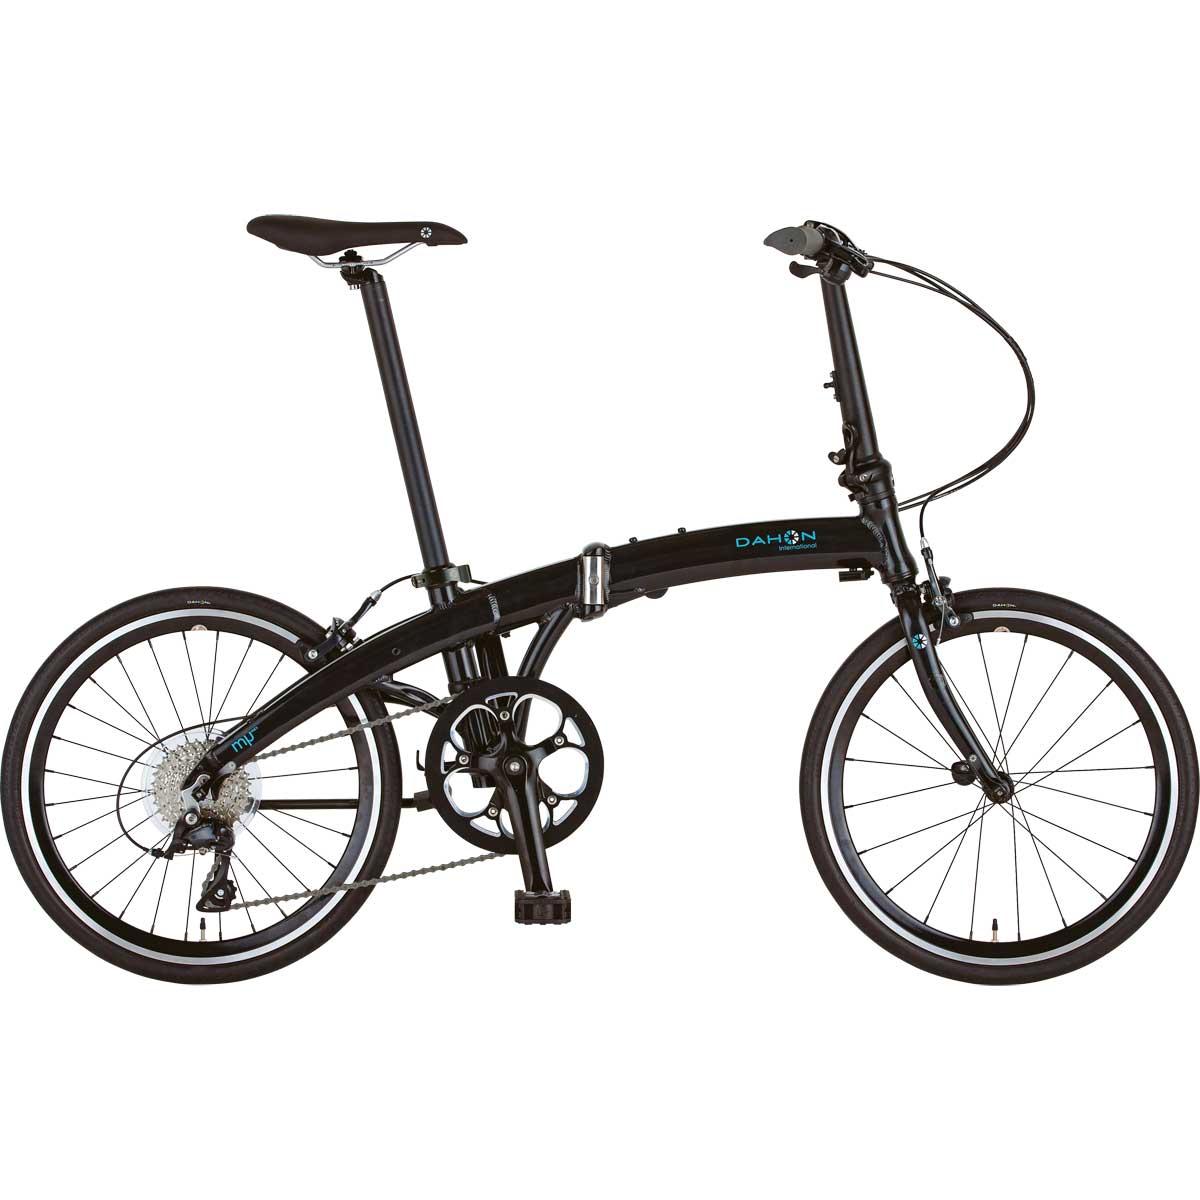 DAHON/ダホン Mu SP9 ミュー SP9 ダイアモンドブラック(9015) 折りたたみ自転車 自転車本体